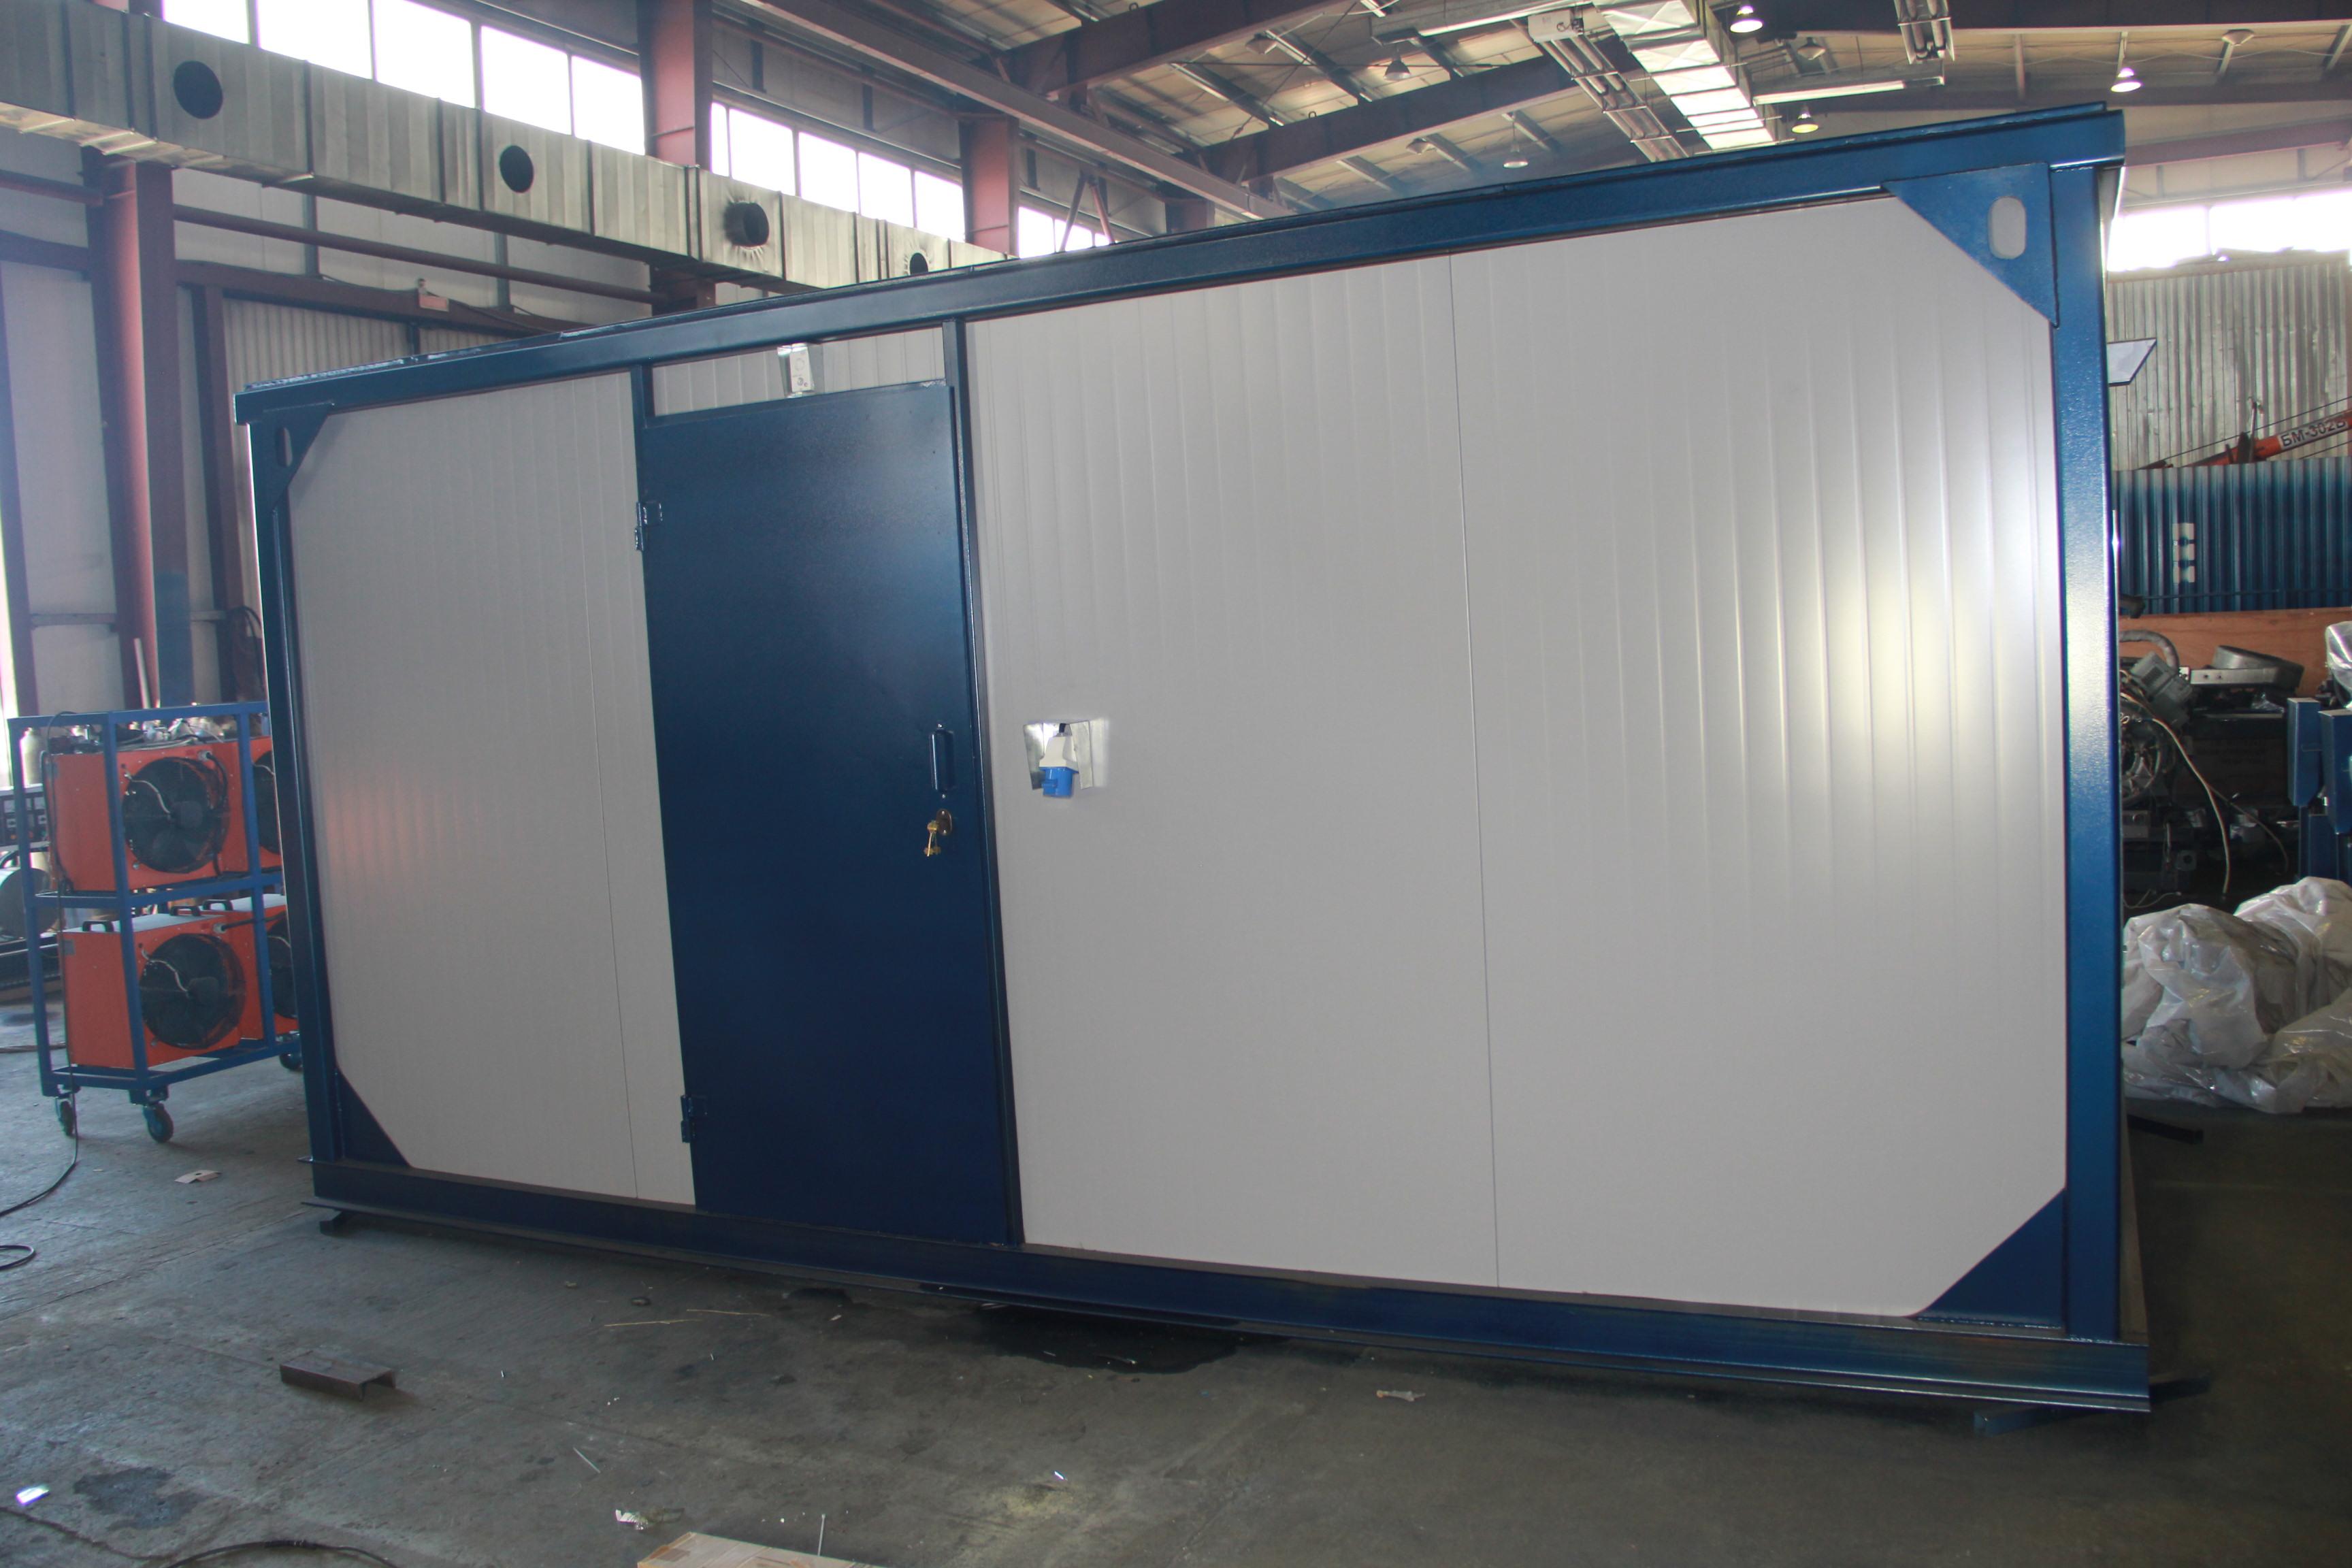 Внешний вид IVECO АД-136С-Т400-1РНИ в контейнере